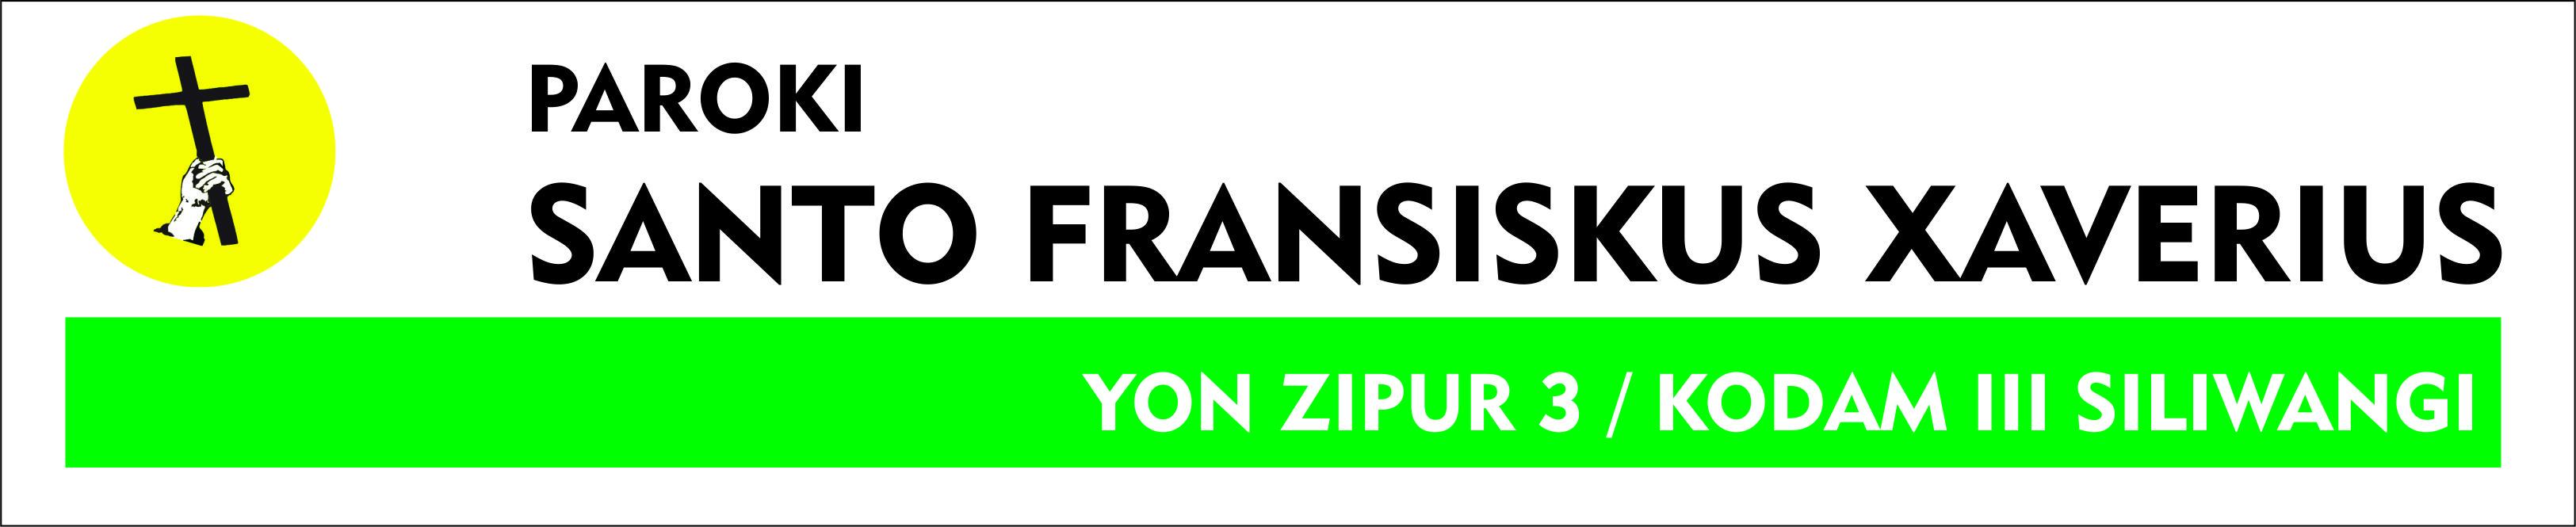 Paroki Santo Fransiskus Xaverius Yon Zipur 3 / KODAM III Siliwangi - Bandung